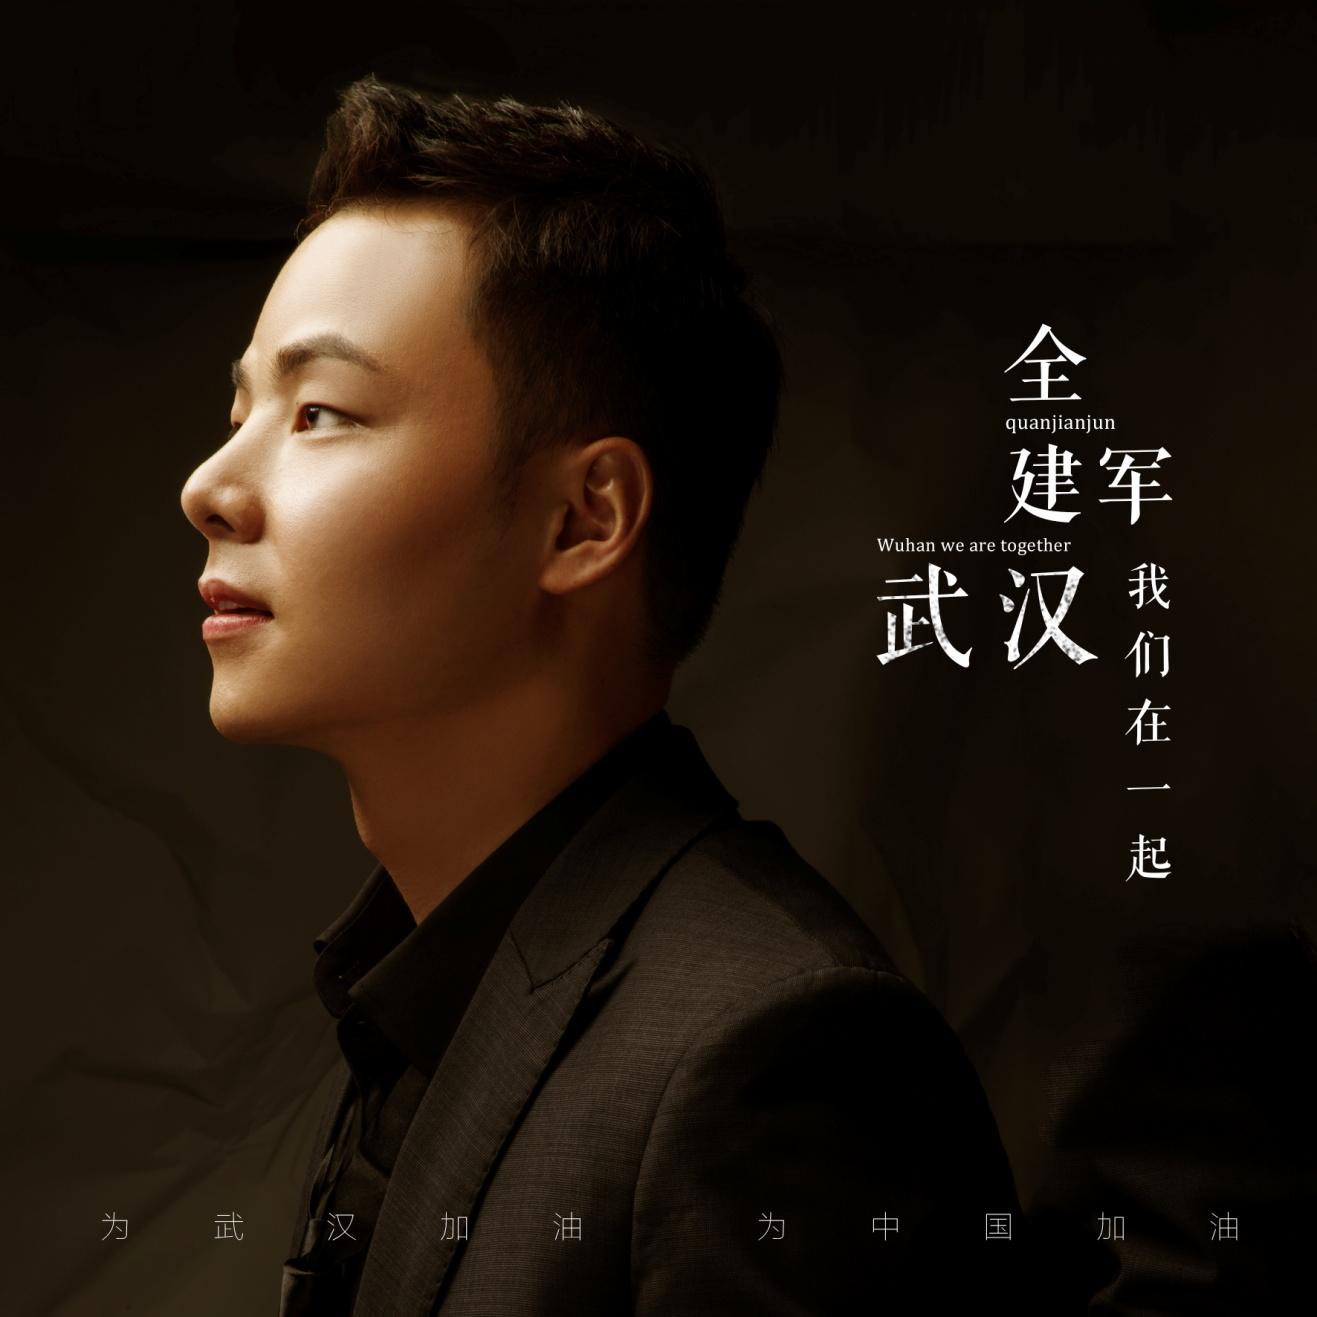 全建军新歌《武汉我们在一起》MV首发 正能量歌词引网友点赞